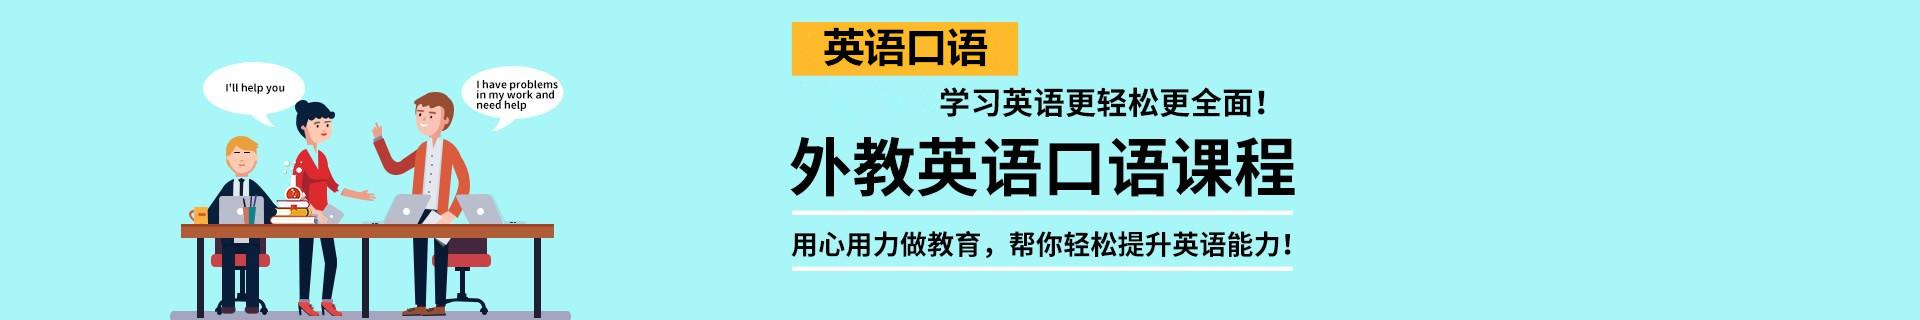 南京建邺万达美联英语培训